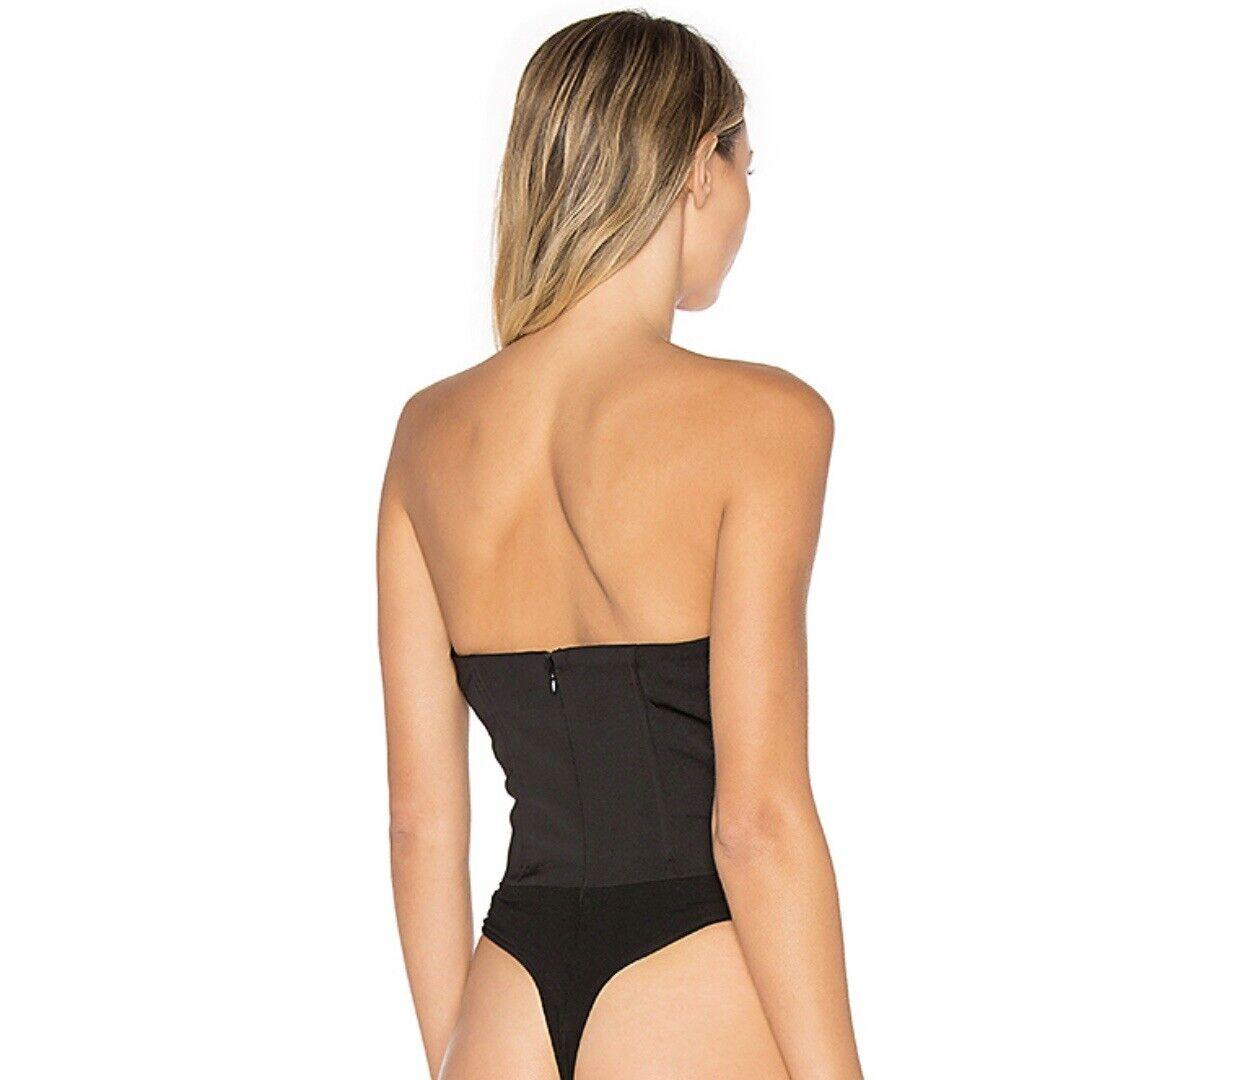 NBD lace up bodysuit corset top Xs - image 3